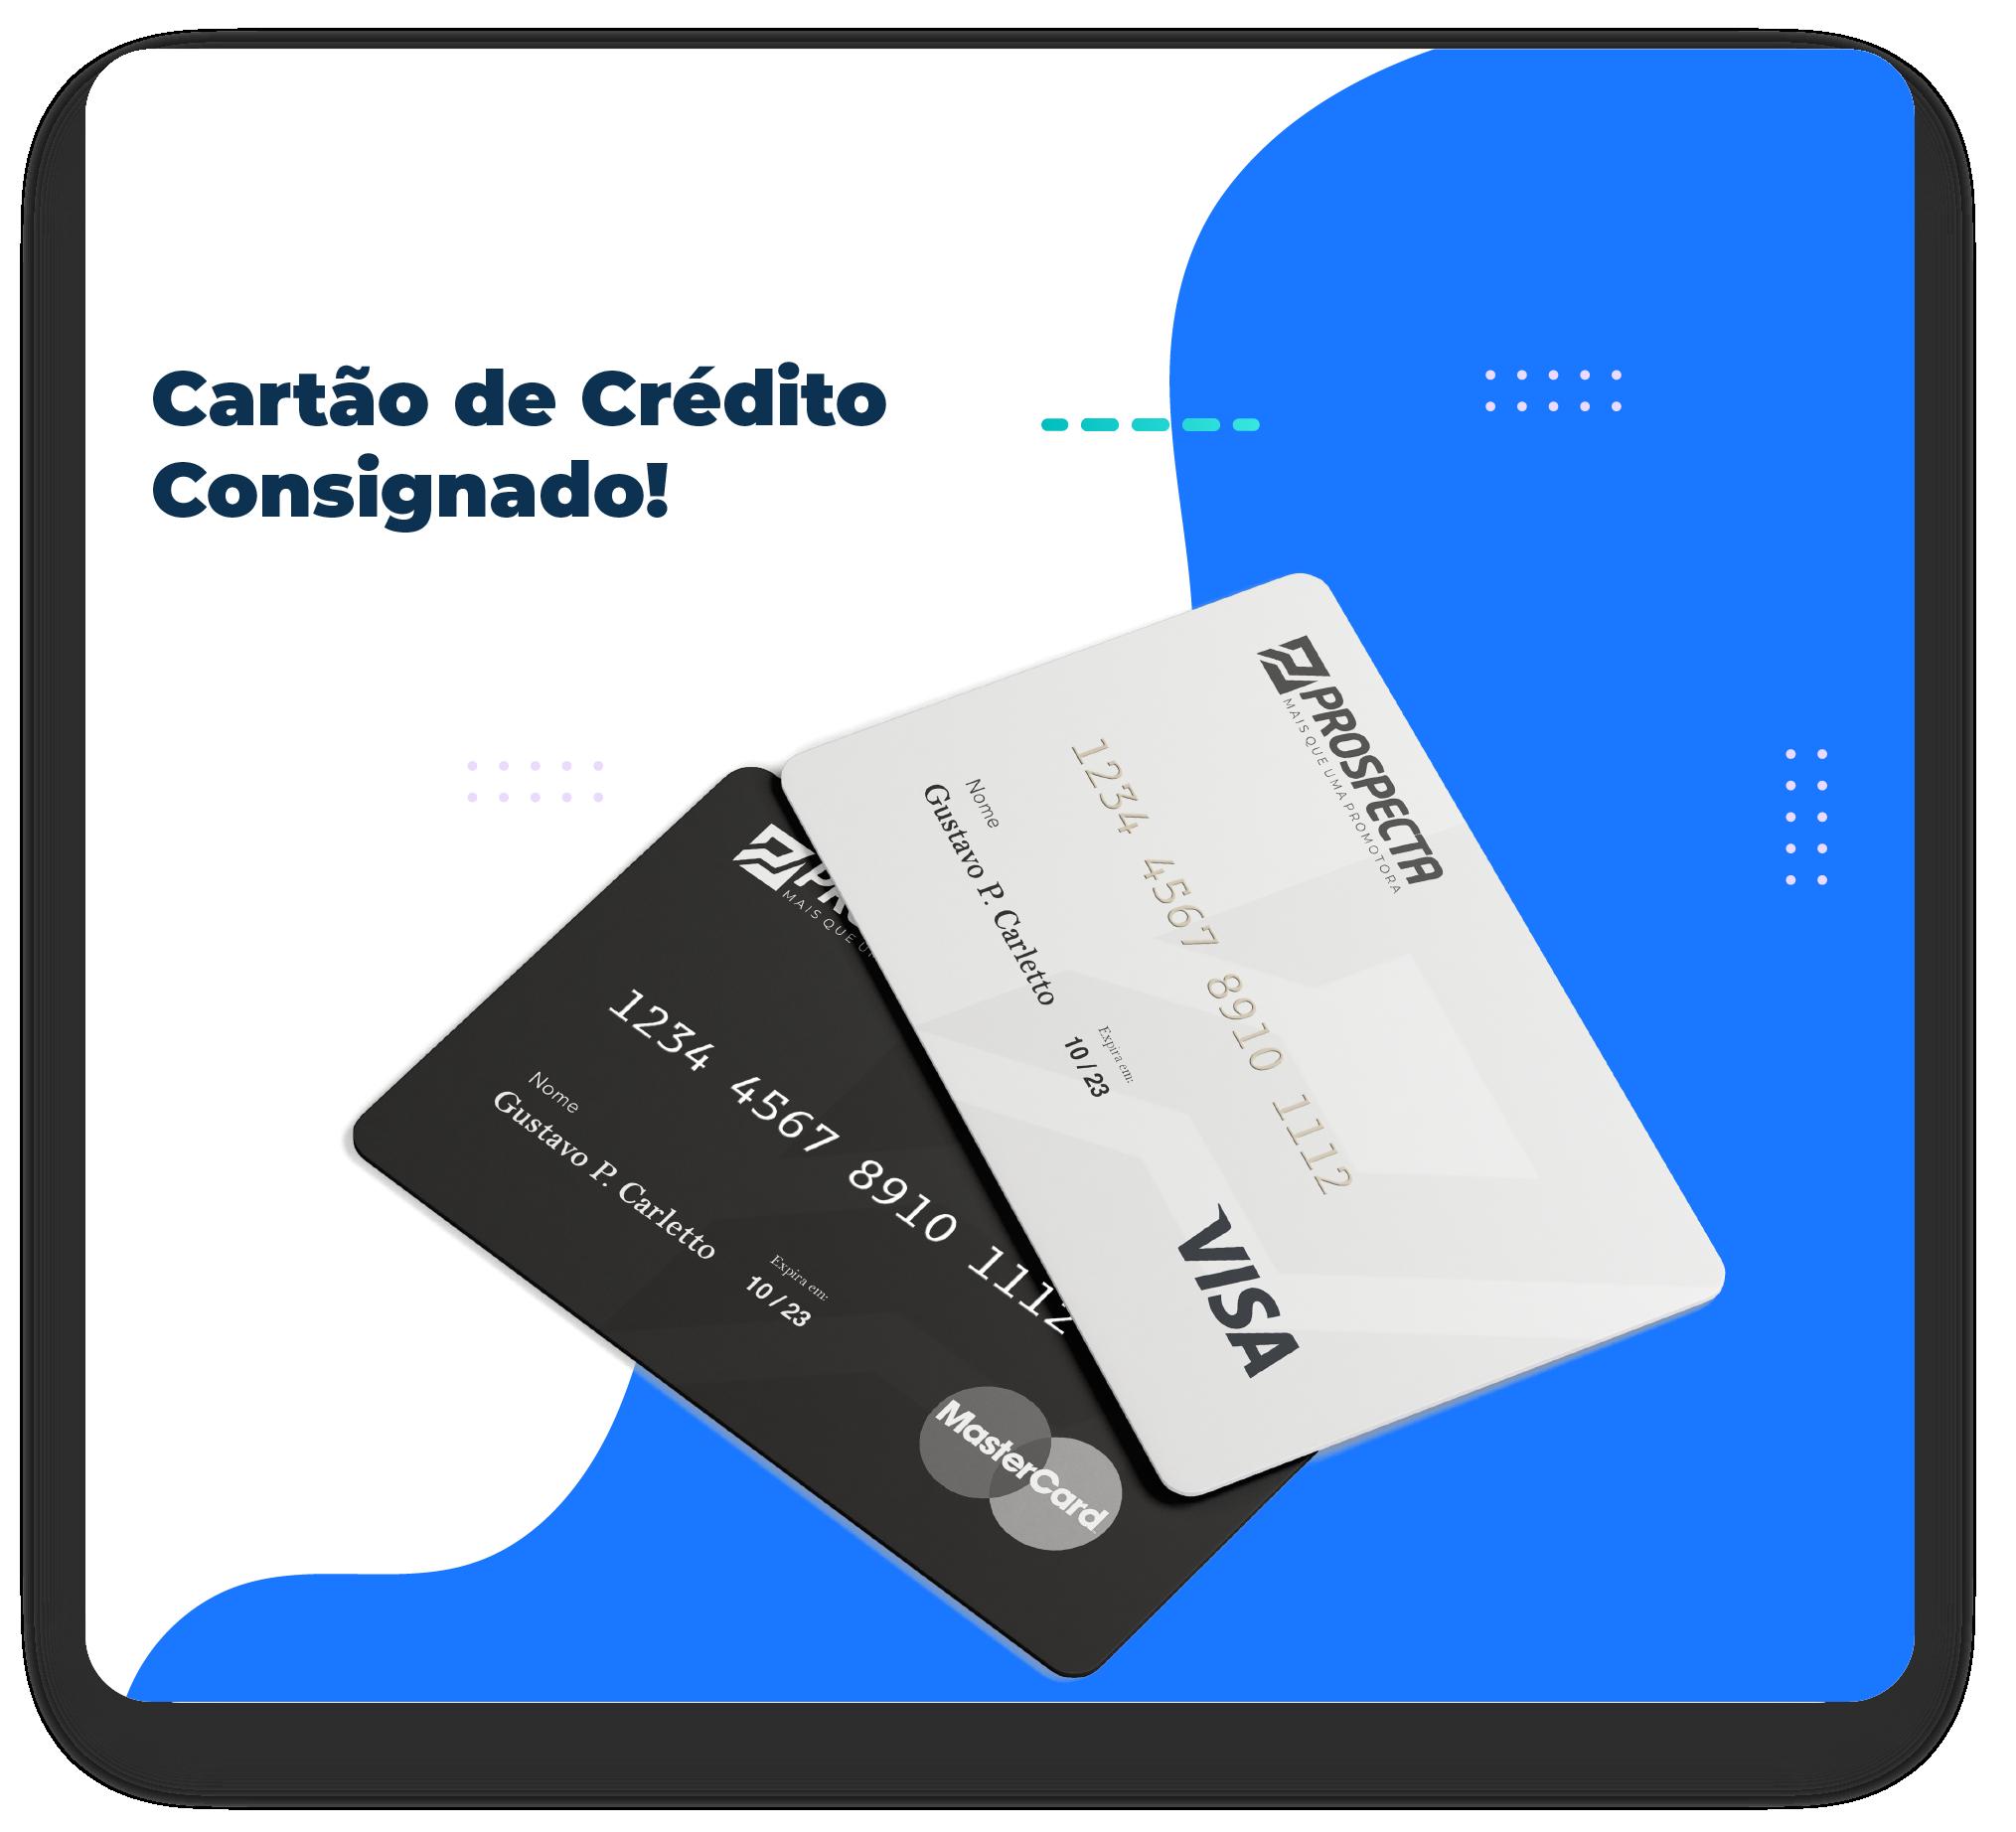 CARTÃO DE CRÉDITO CONSIGNADO PROSPECTA N